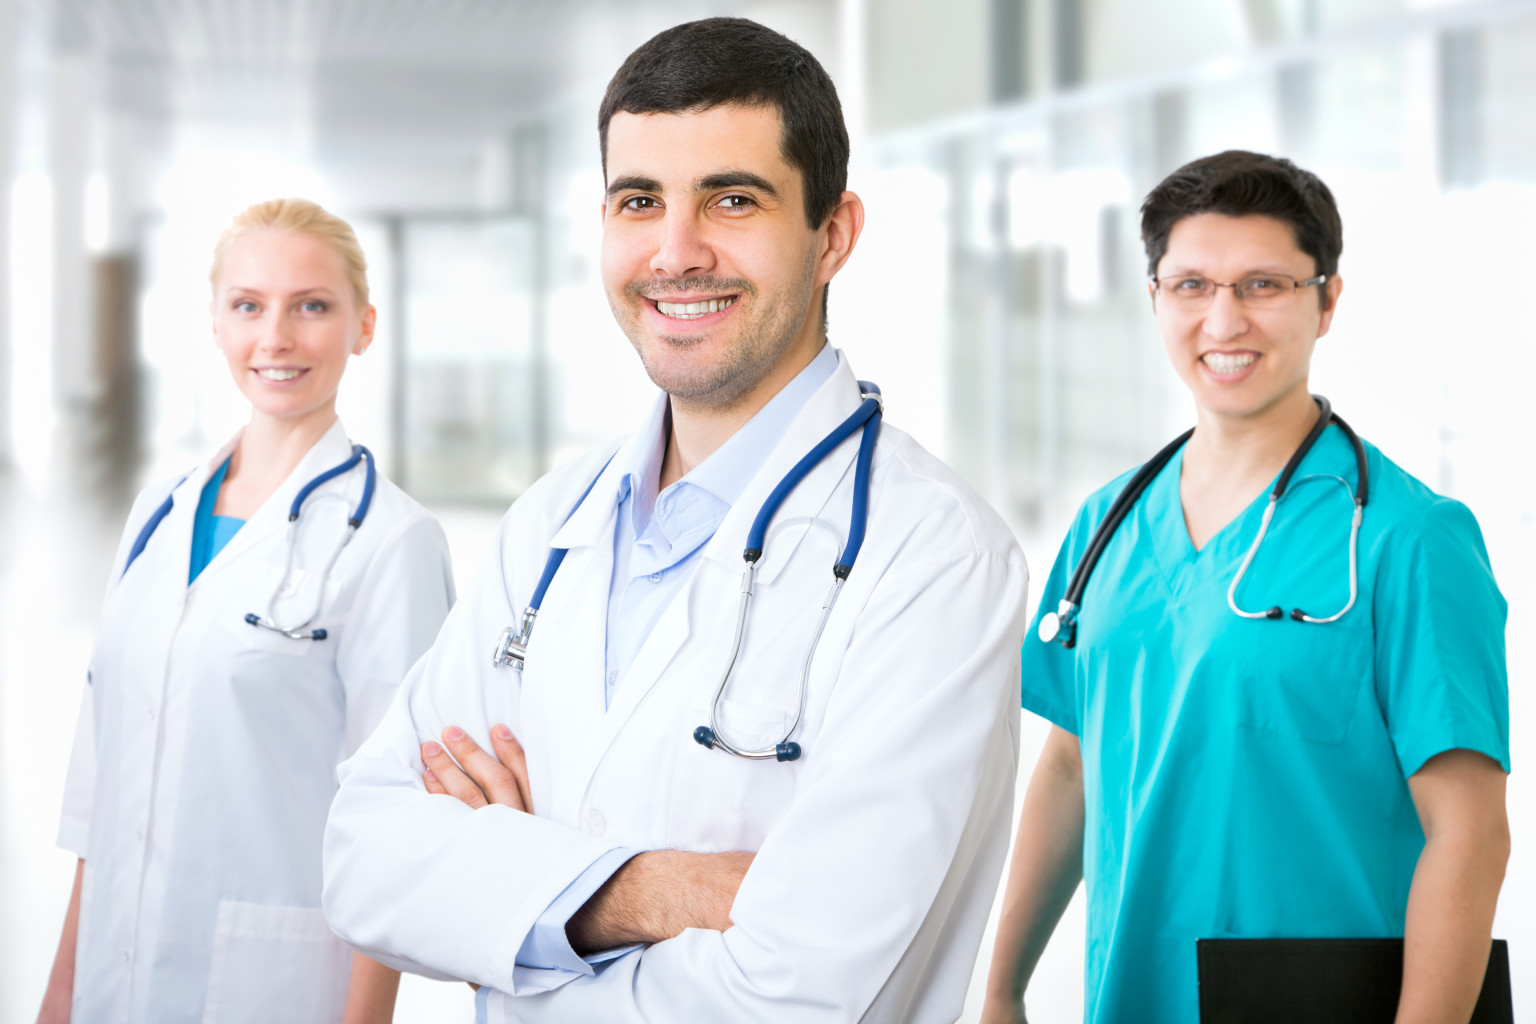 در باب تحصیل یا کار پزشکان در خارج از کشور ،باید این نکته را در نظر داشت که مدرک پزشکی ایران معادل فوق لیسانس در کشور های اروپایی وآمریکا و انگلستان می باشد.